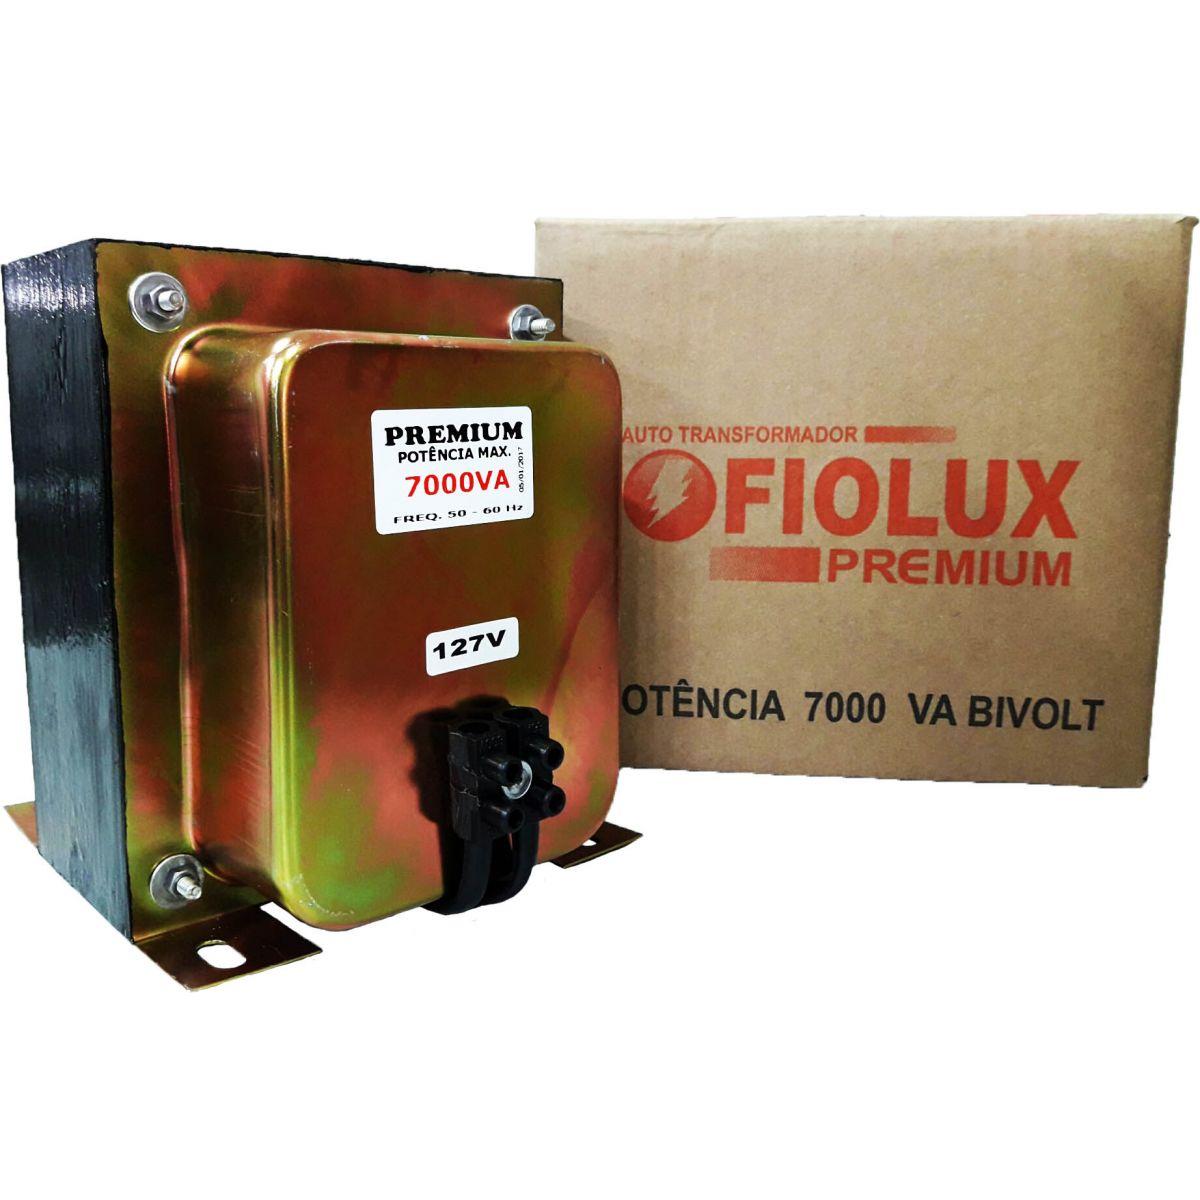 AUTO TRANSFORMADOR FIOLUX PREMIUM 7000 VA BIVOLT